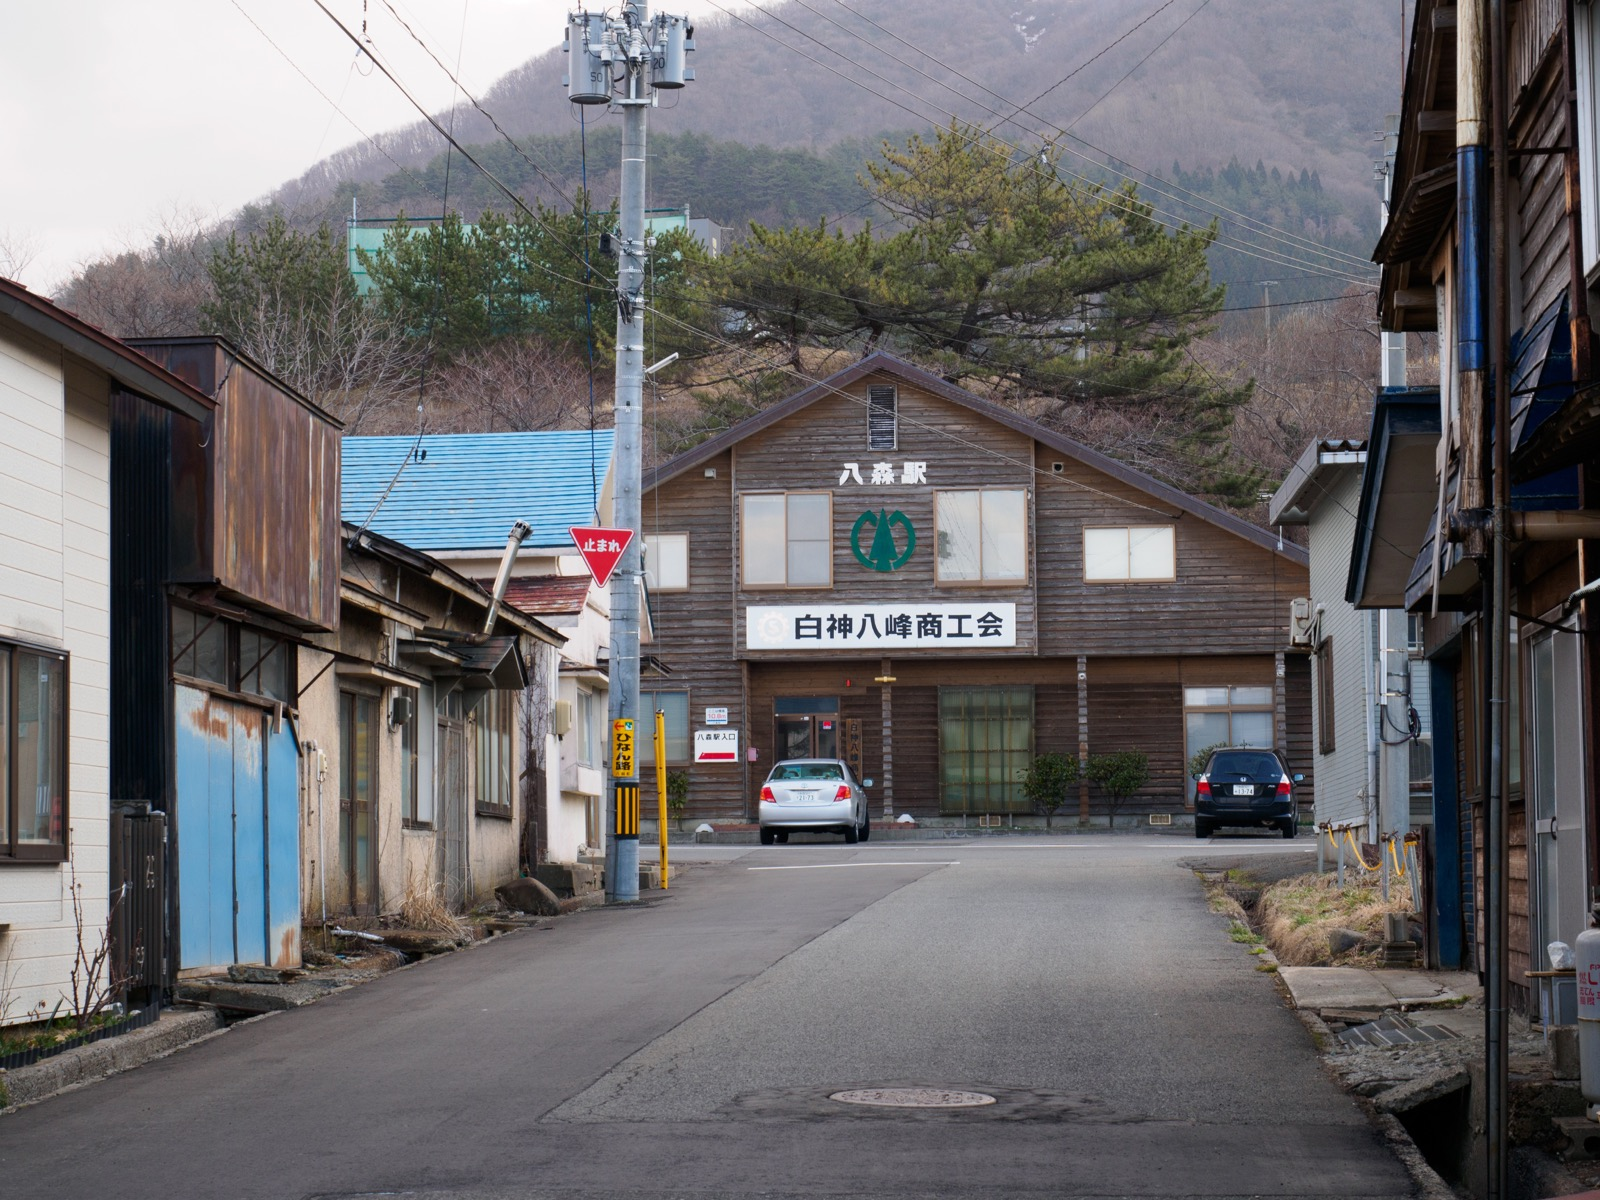 八森駅の駅舎と駅前通り